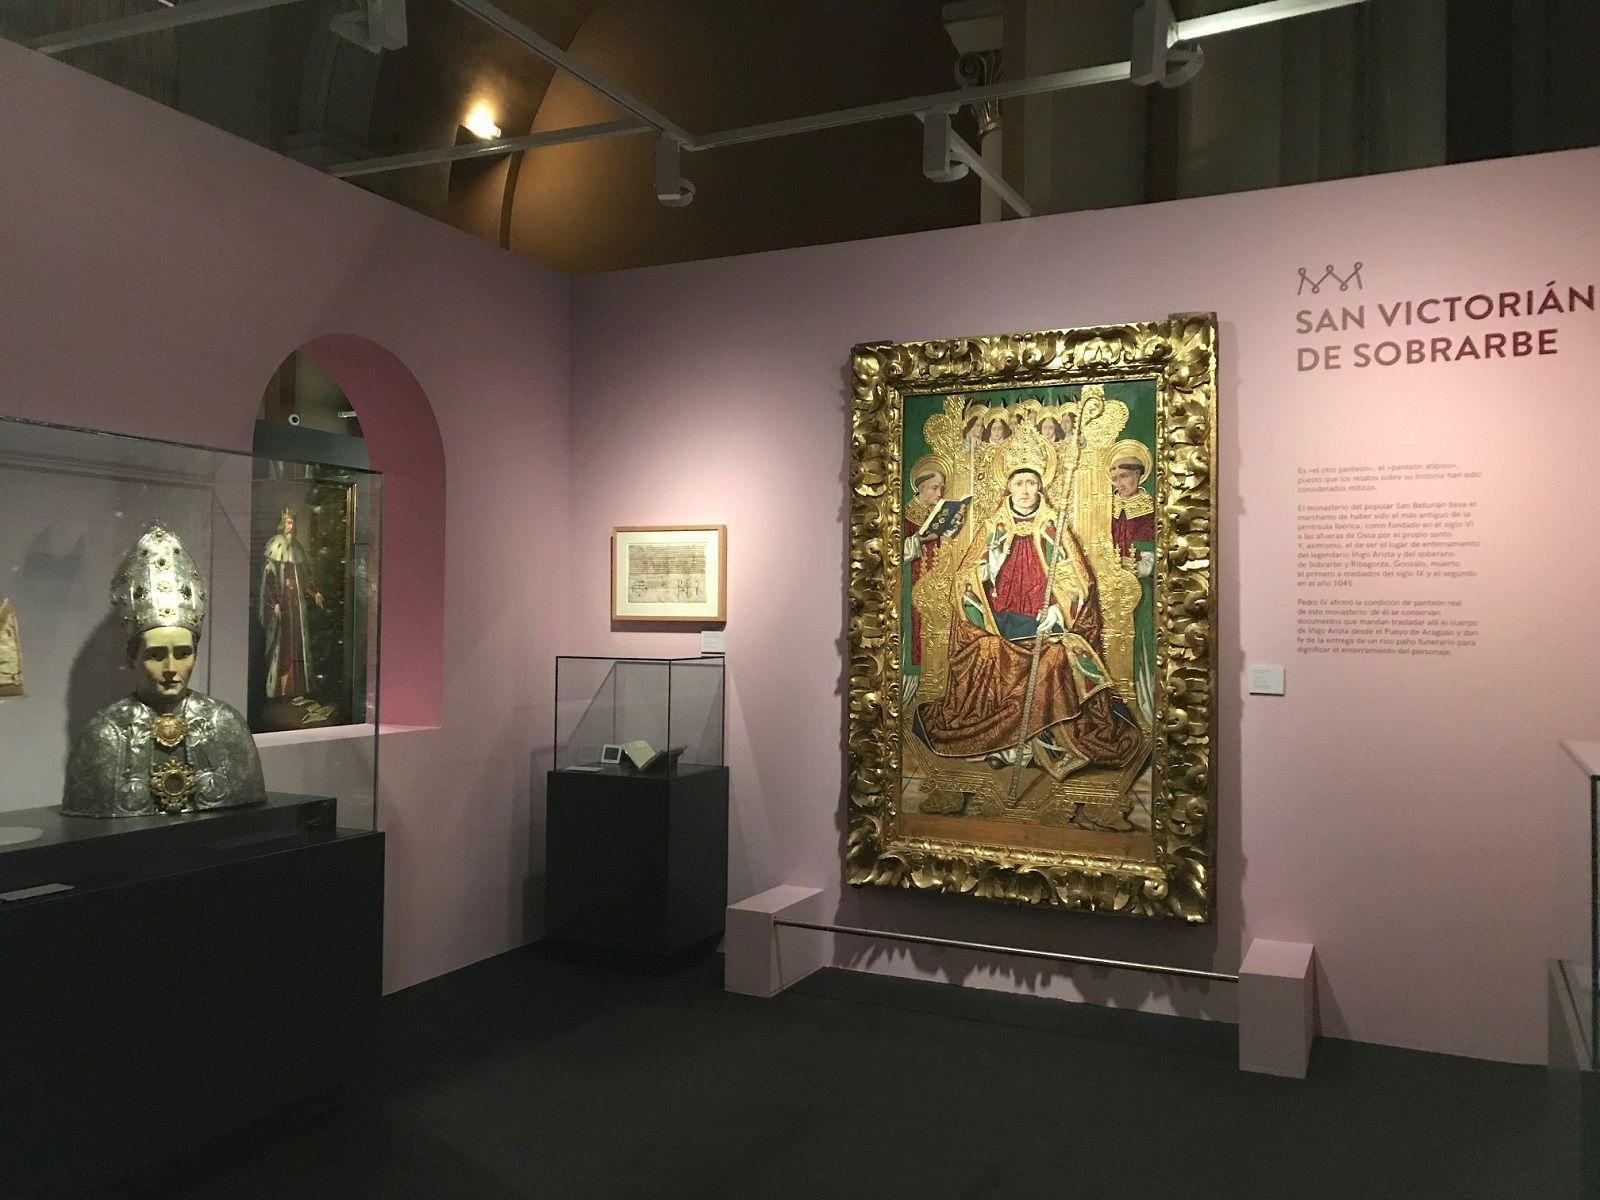 San Victorián de Sobrarbe presente en la exposición de los panteones reales de Aragón. Foto: DGA.